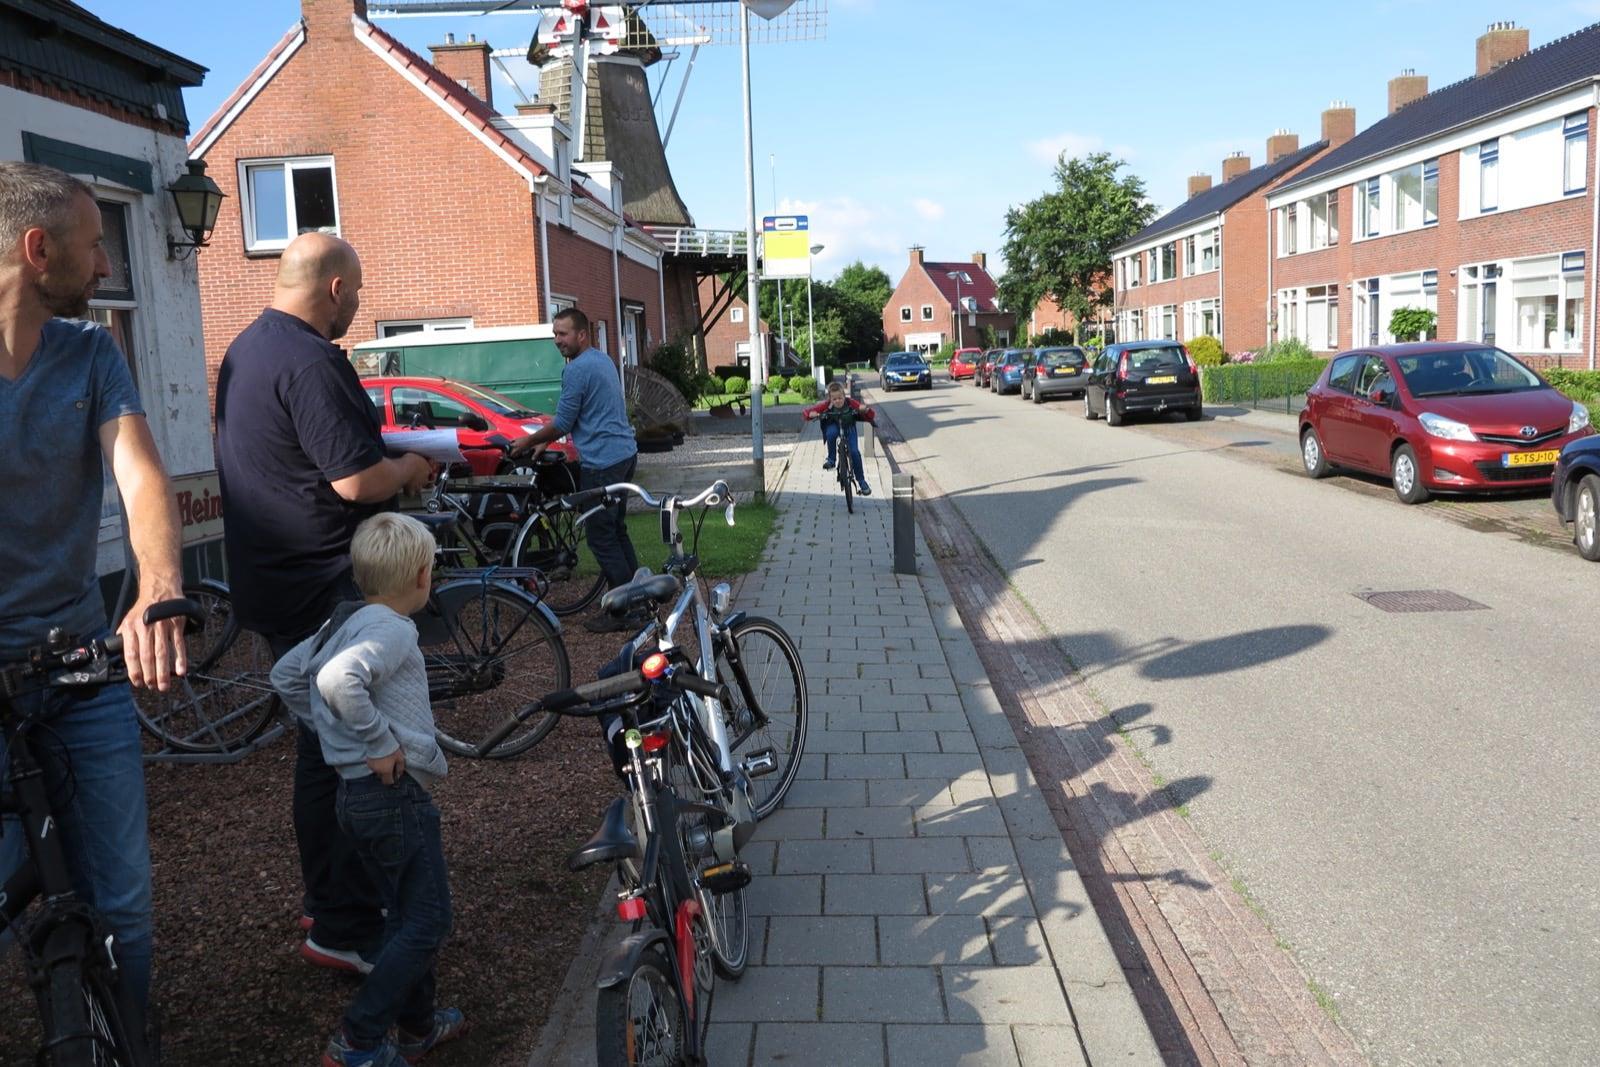 et-fiets-en-fietser-54-thesinger-fietstocht---mannen-oomkes,-mollema-en-van-der-veen-klaar-voor-de-start-oi.jpg